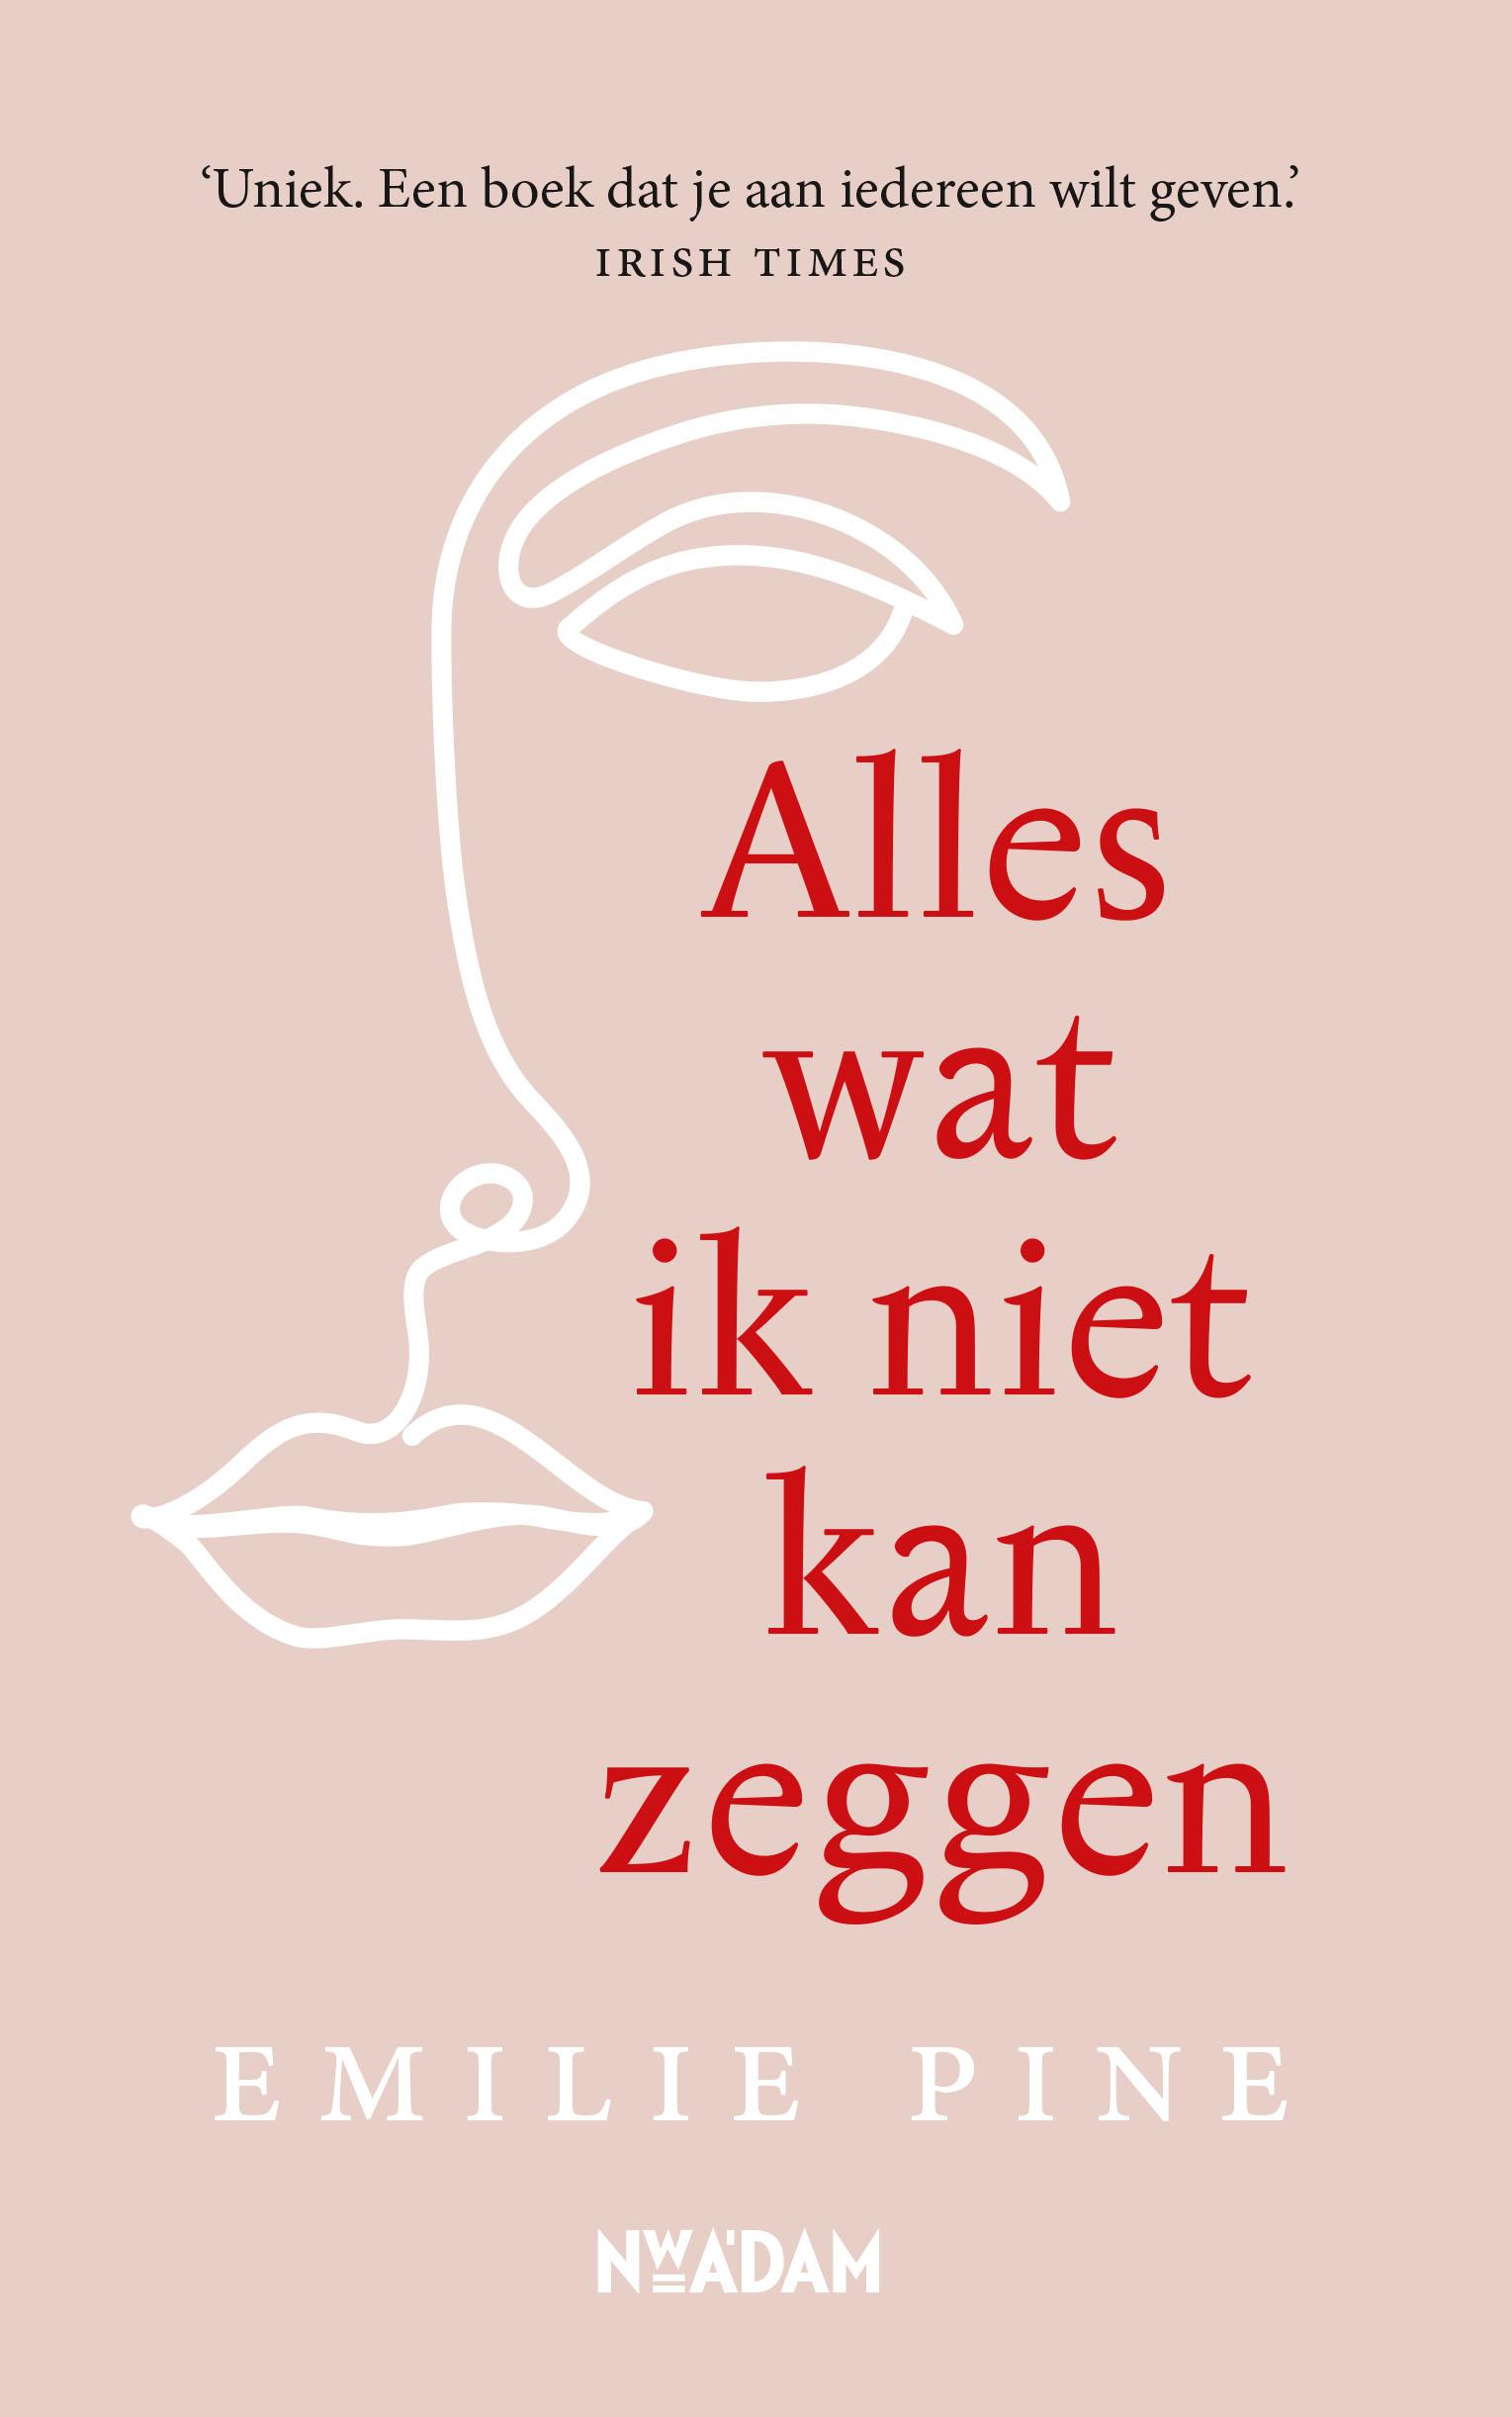 Alles wat ik niet kan zeggen - boekenflits.nl